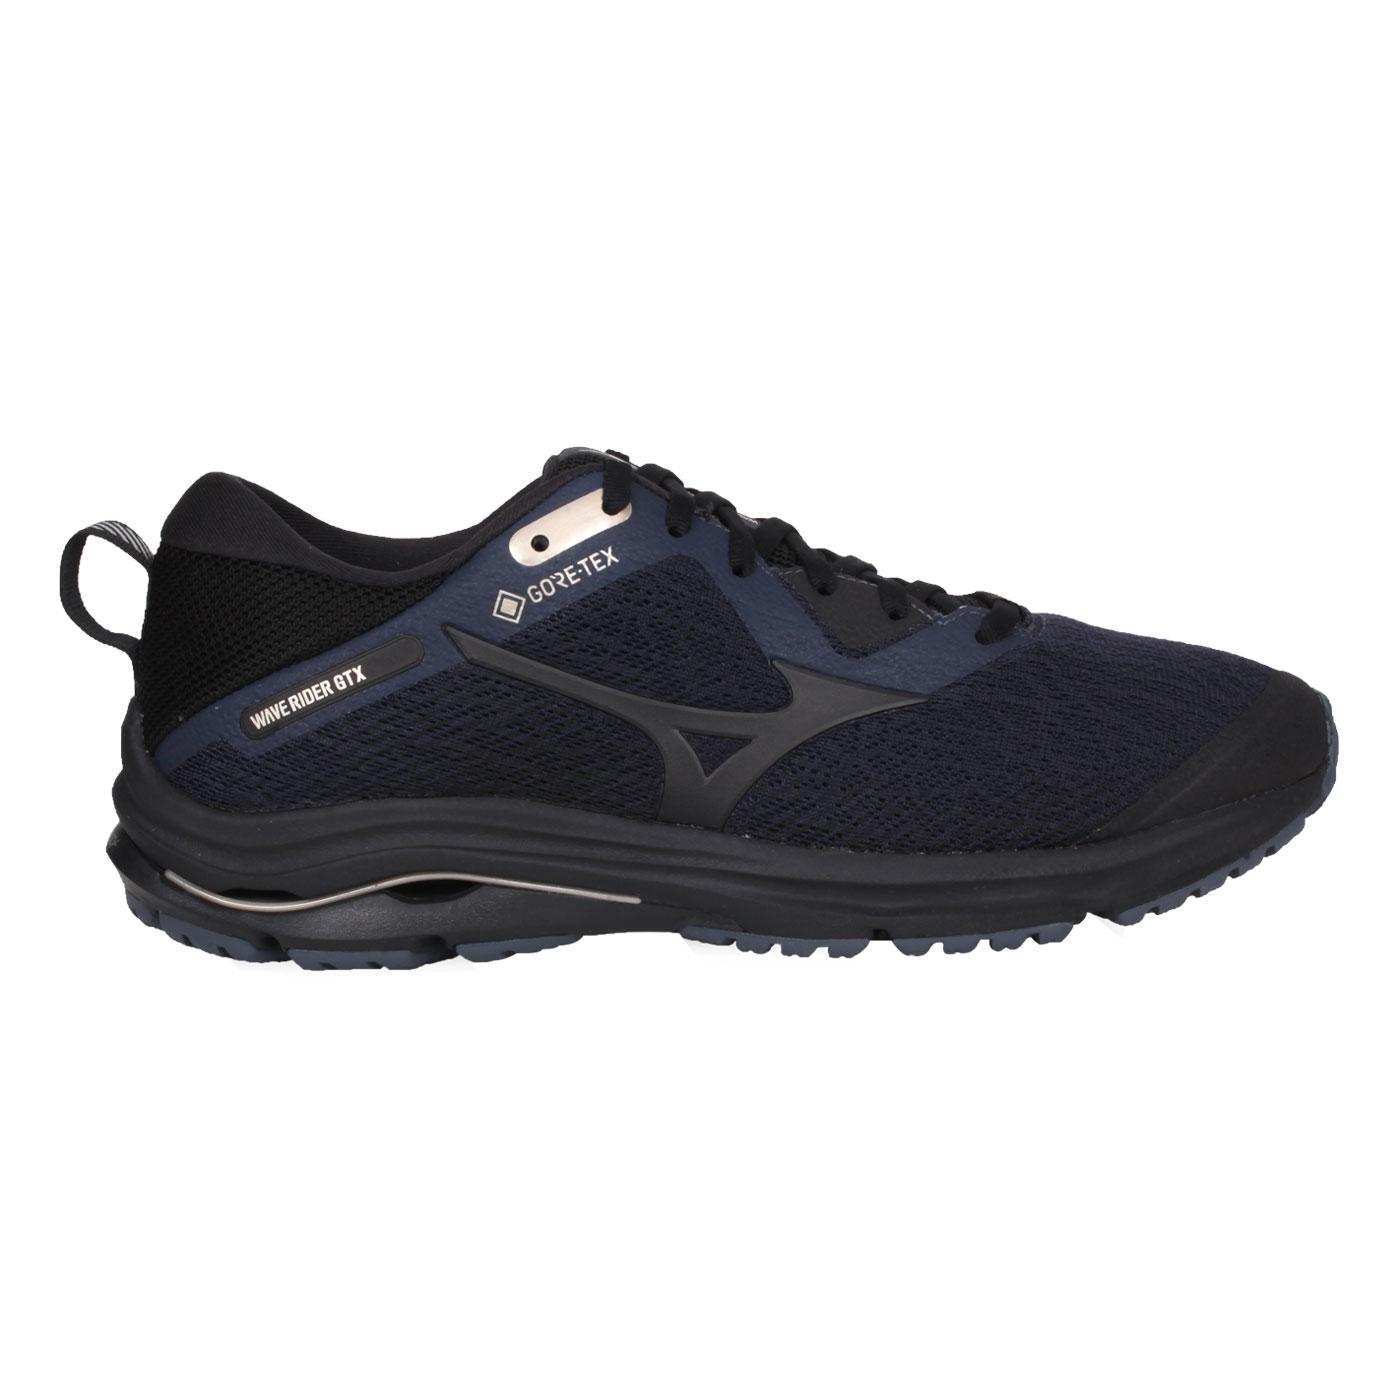 MIZUNO 男款慢跑鞋  @WAVE RIDER GTX@J1GC207910 - 丈青黑